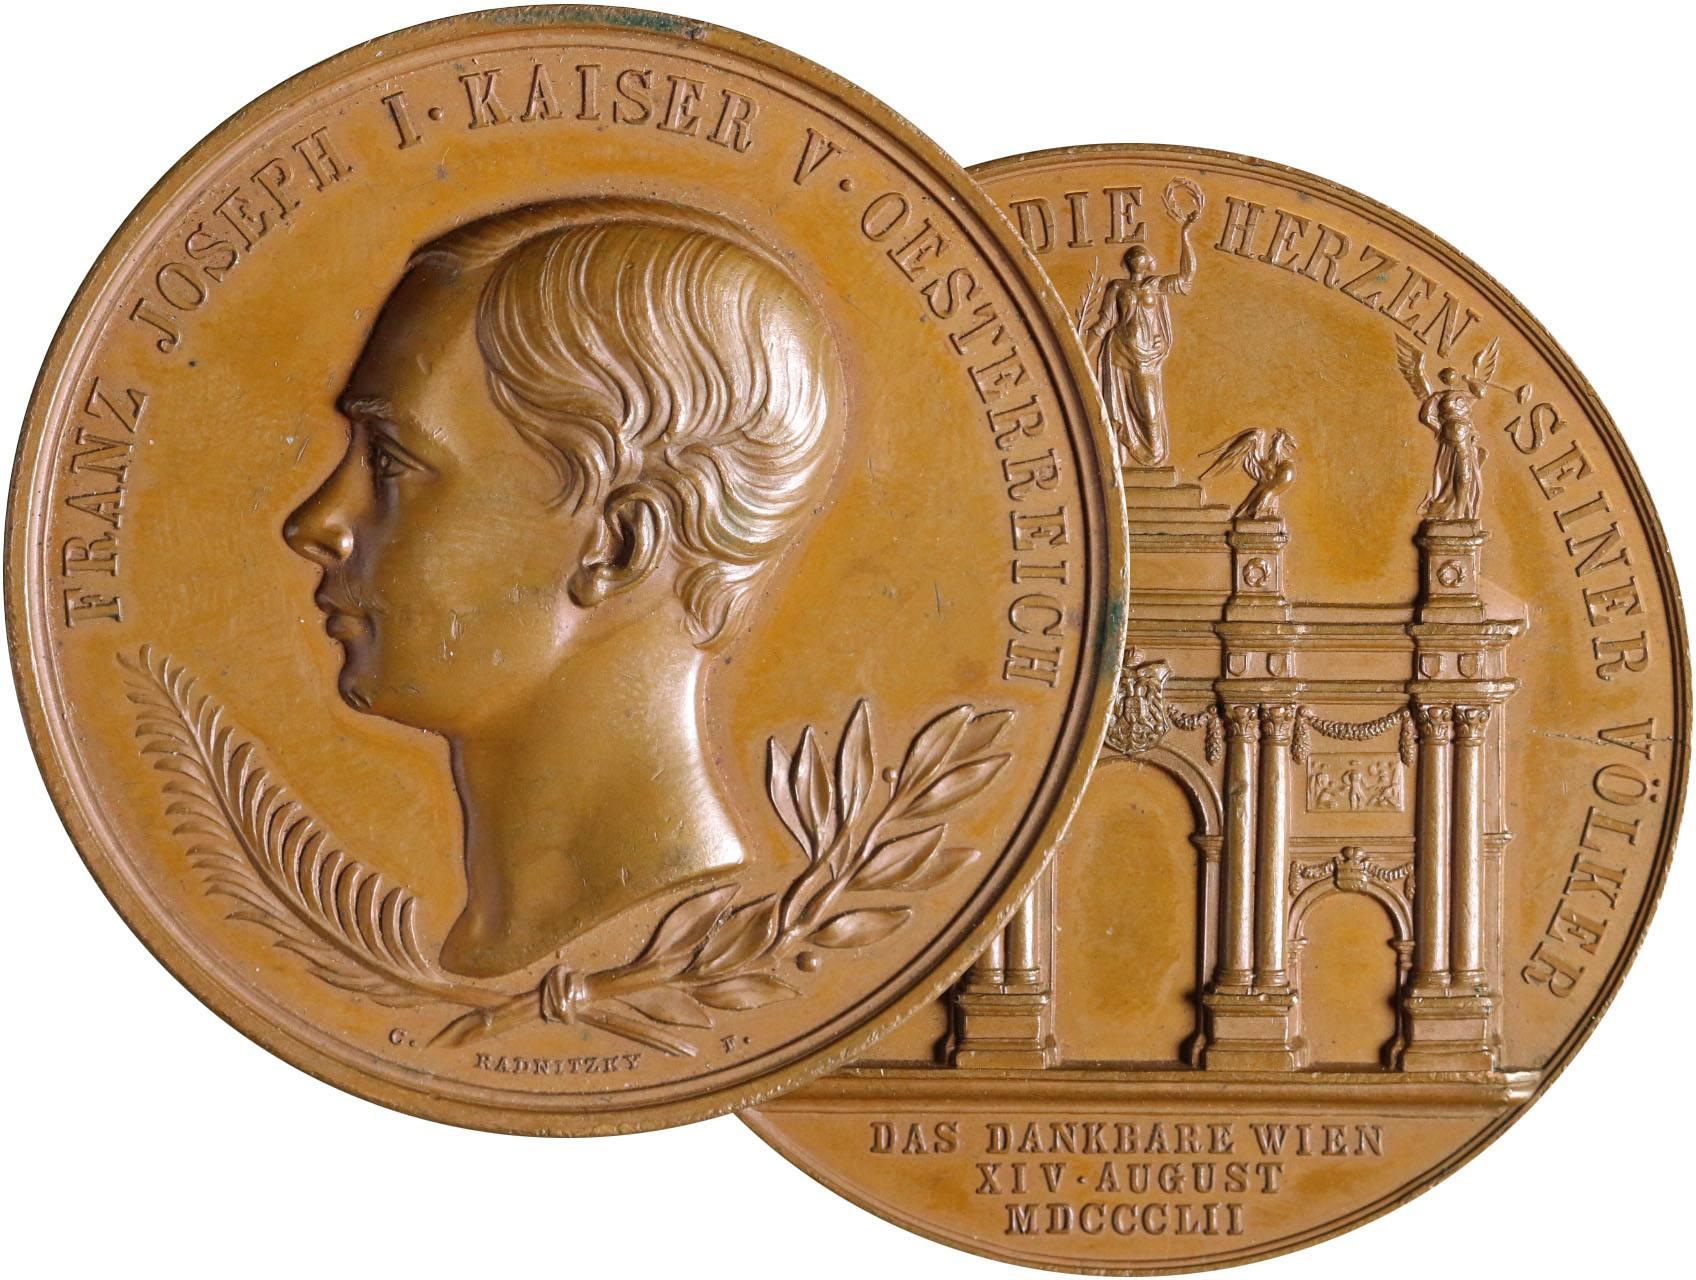 Osobnosti - František Josef I. 1830-1916, AE medaile na návrat císaře do Vídně 1852 - hlava zleva, ratolesti, opis / vítězný oblouk, opis a nápis, značeno Radnitzky